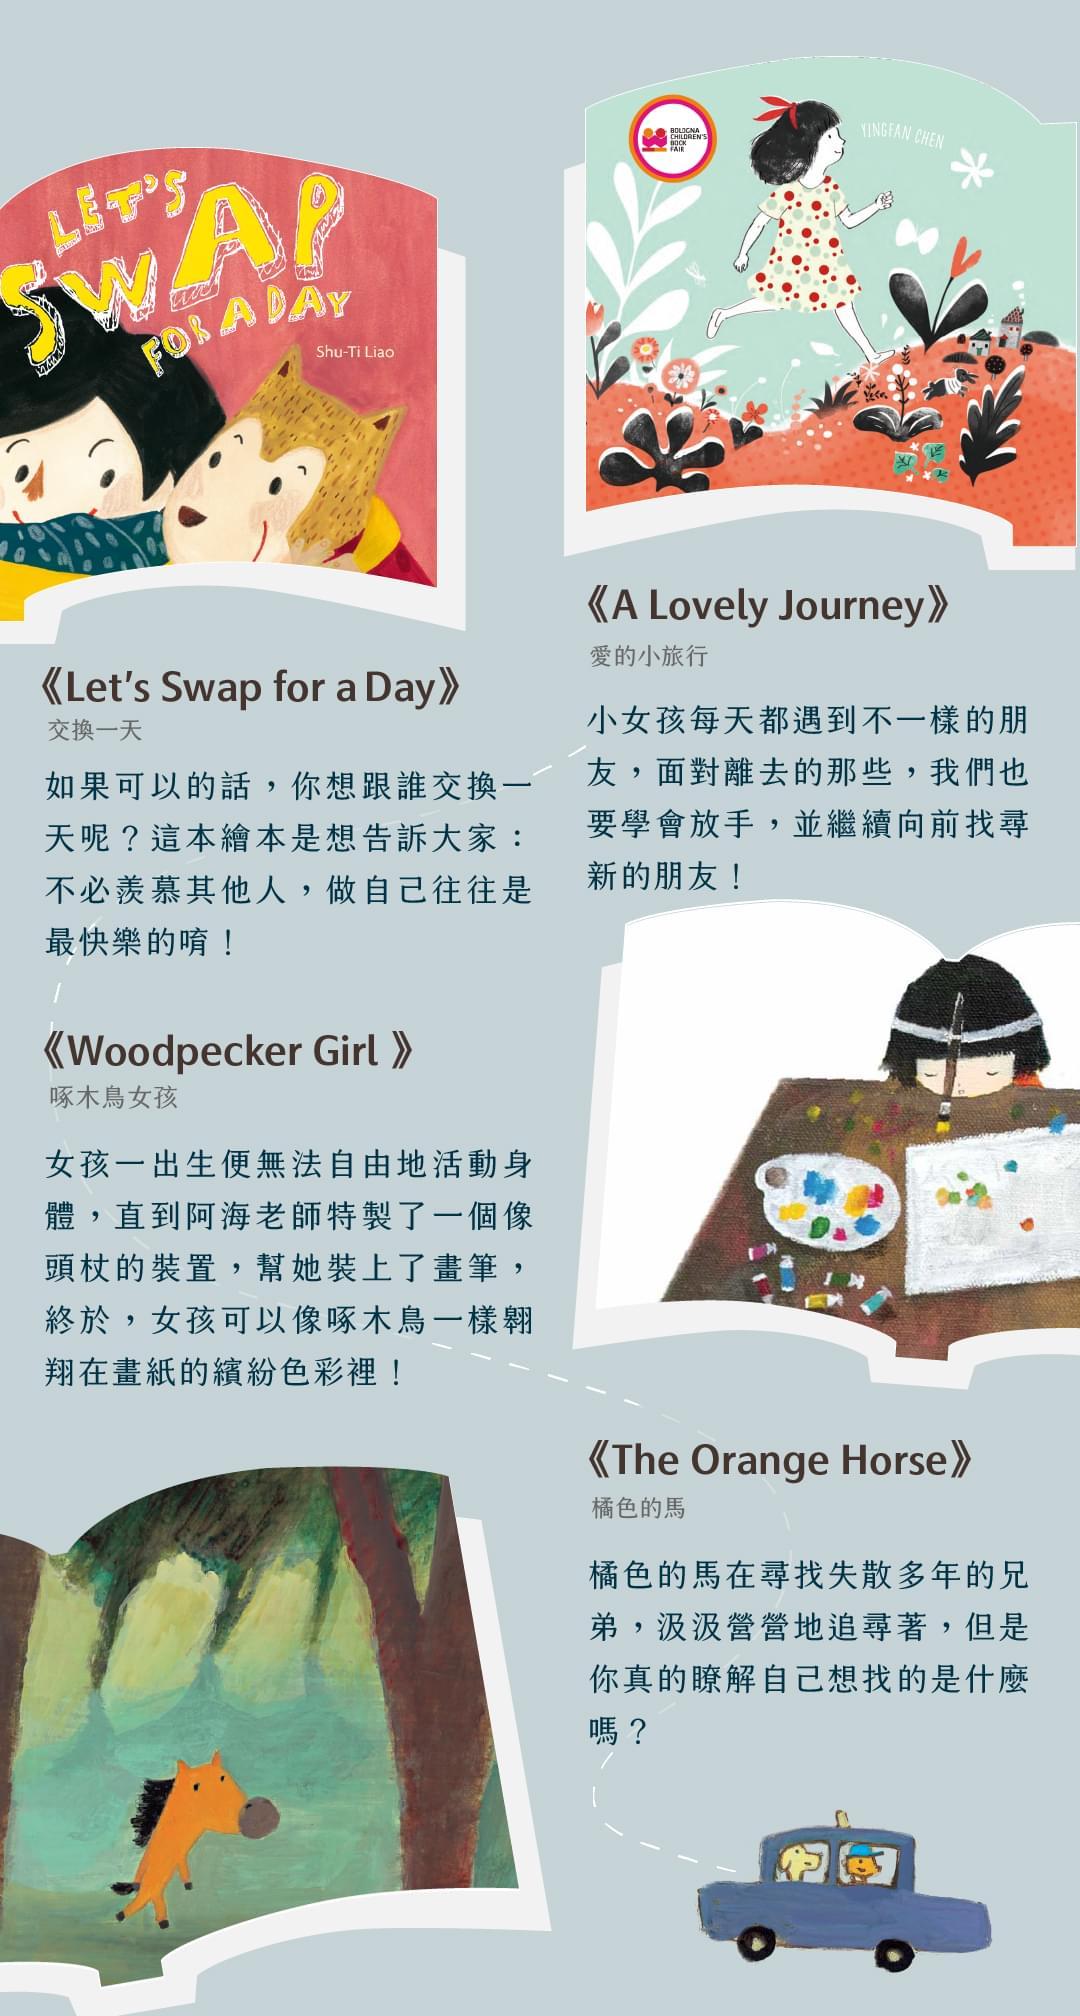 親子共讀雙語繪本課 - 這堂課的繪本素養教育